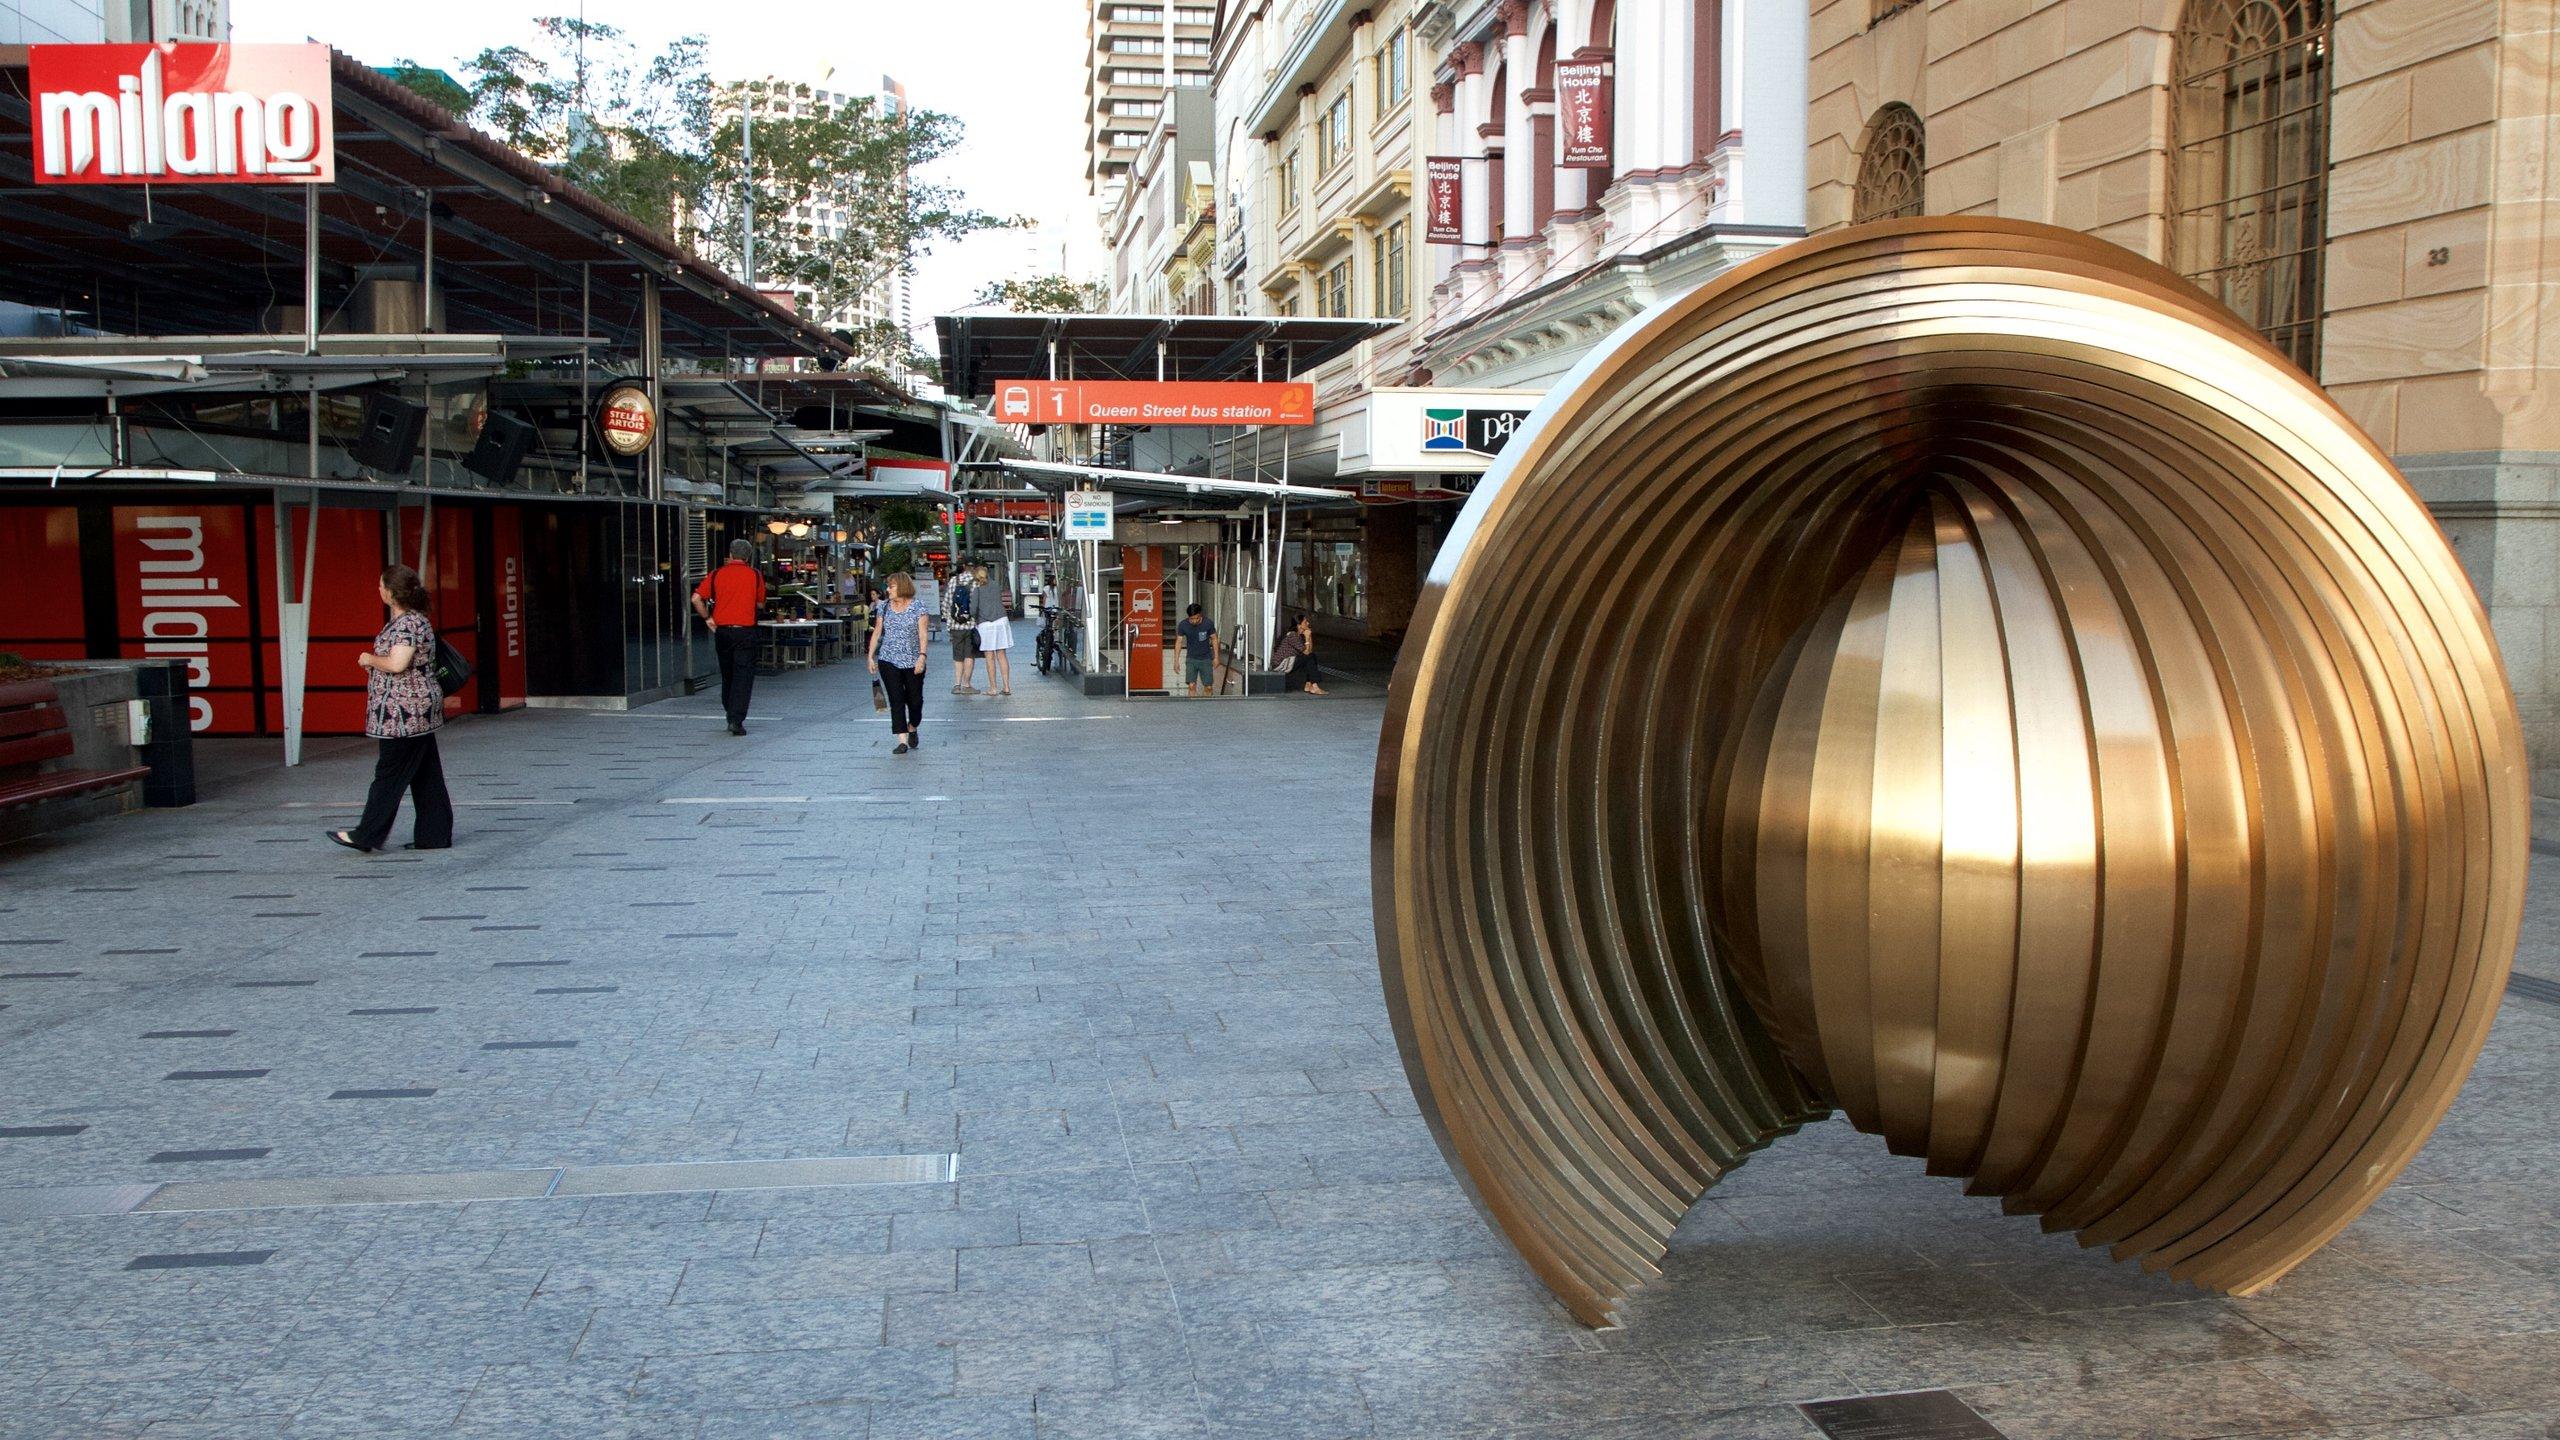 Vill du köpa böcker eller det senaste modet, äta på en restaurang eller i en bar och se på gatuartisterna ska du bege dig till Brisbanes centrala shoppingdistrikt.